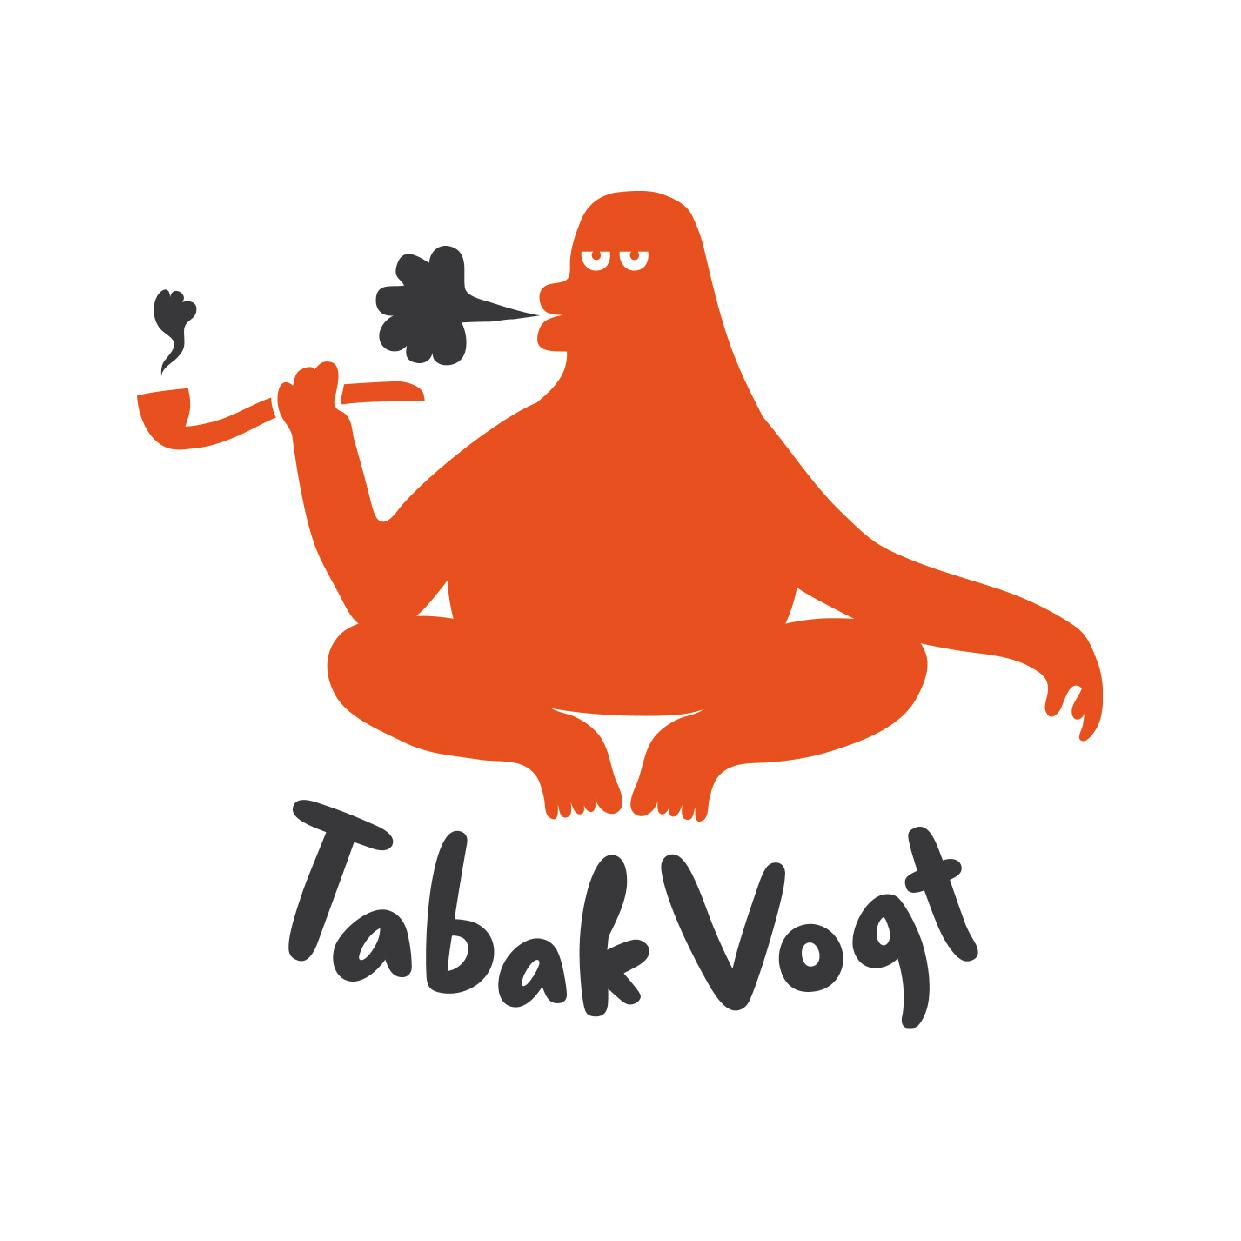 Logo_Vogt-01.jpg